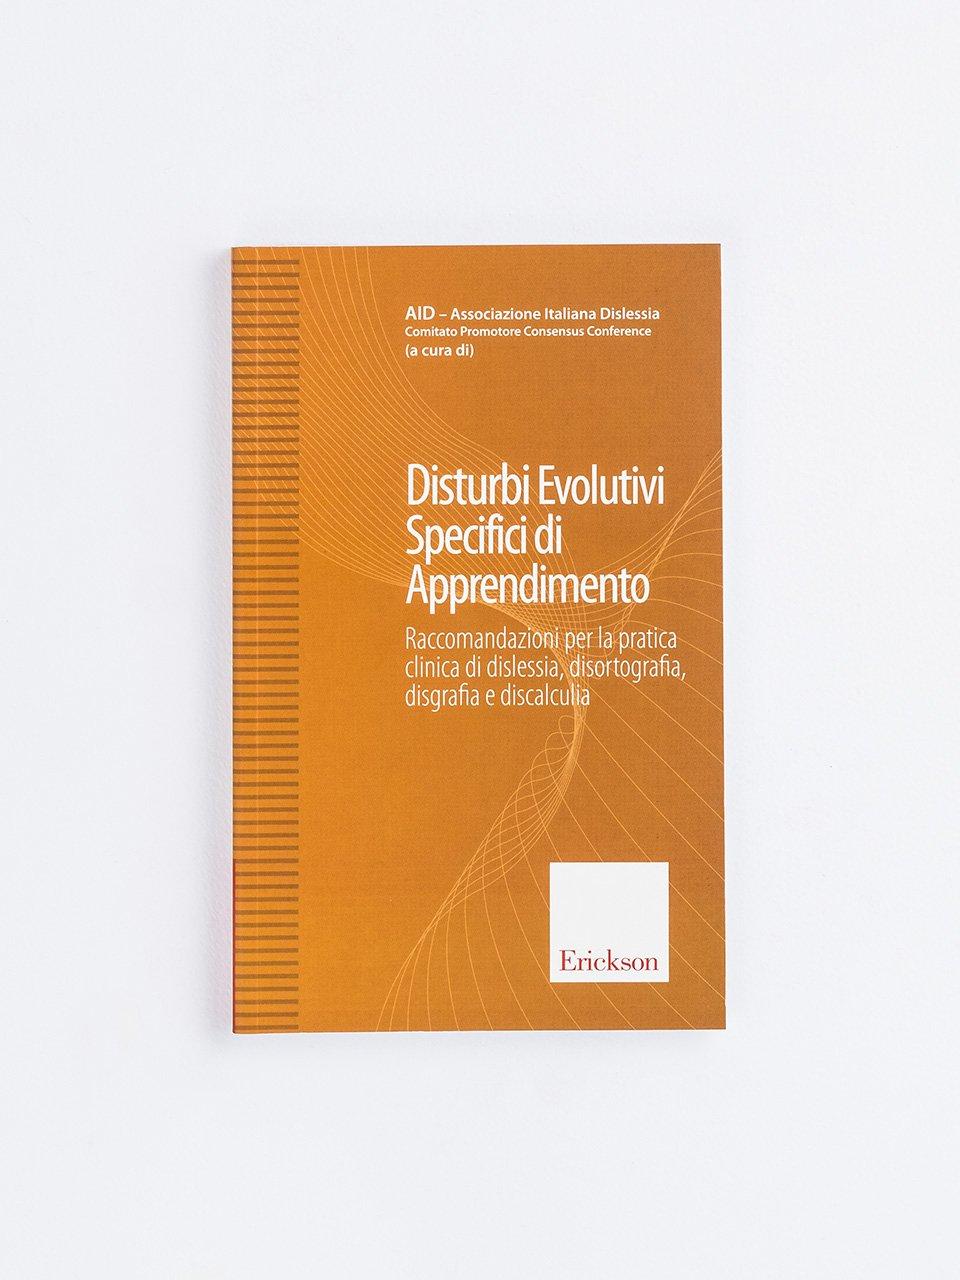 Disturbi Evolutivi Specifici di Apprendimento - Educare all'espressione artistica - Libri - Erickson